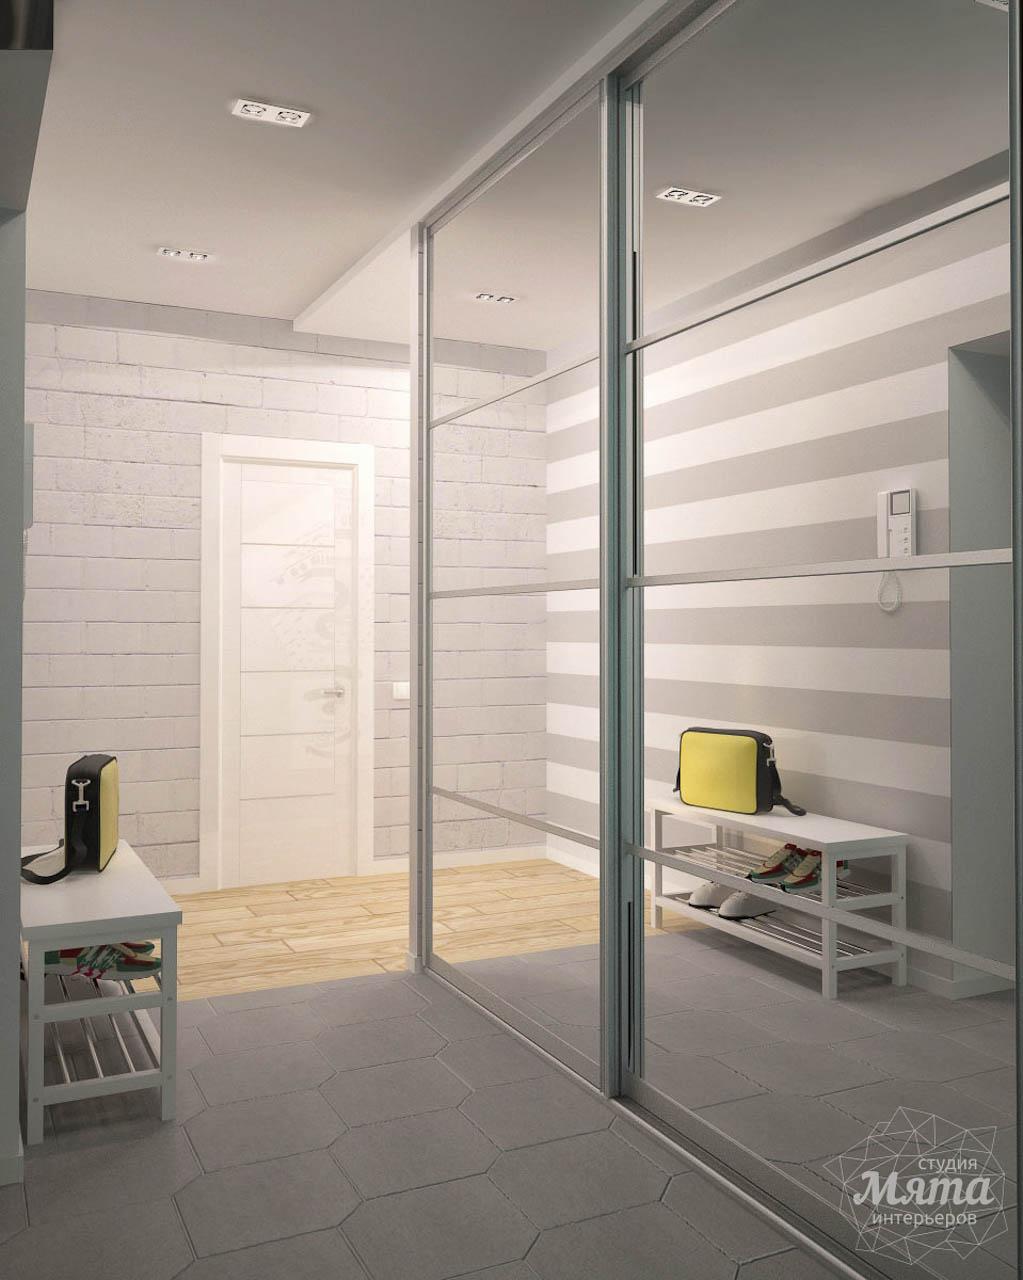 Дизайн интерьера и ремонт однокомнатной квартиры по ул. Сурикова 53а img504798450